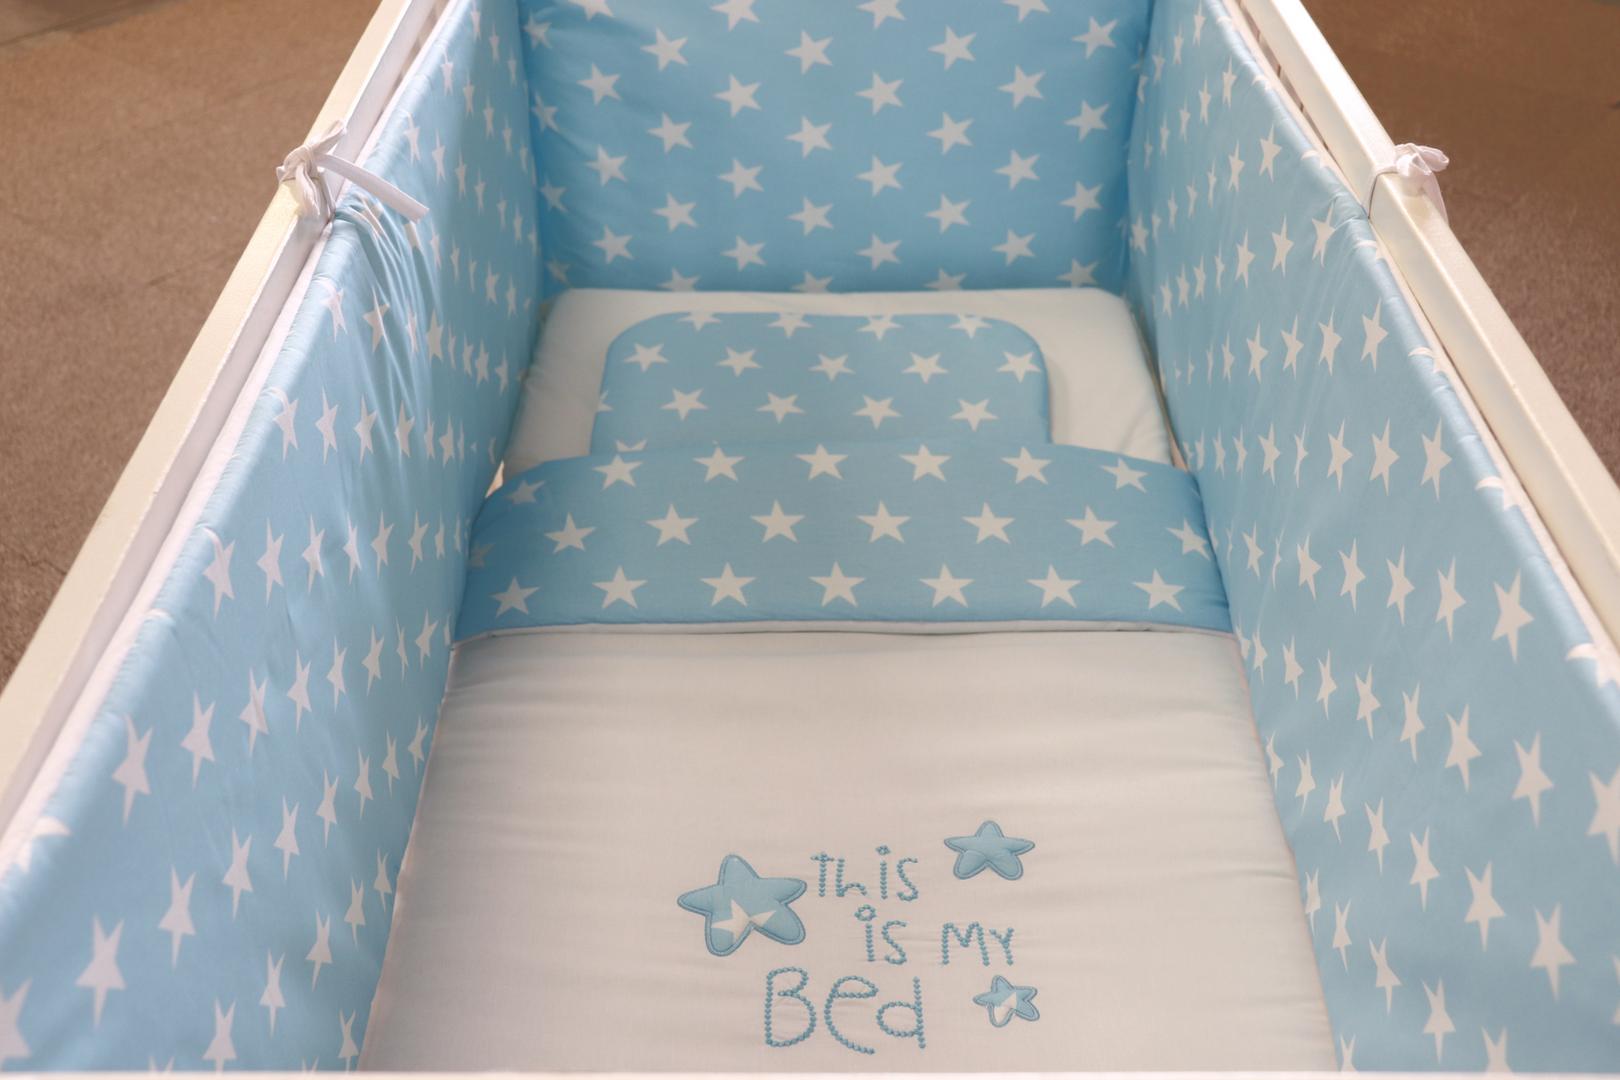 Bedset star